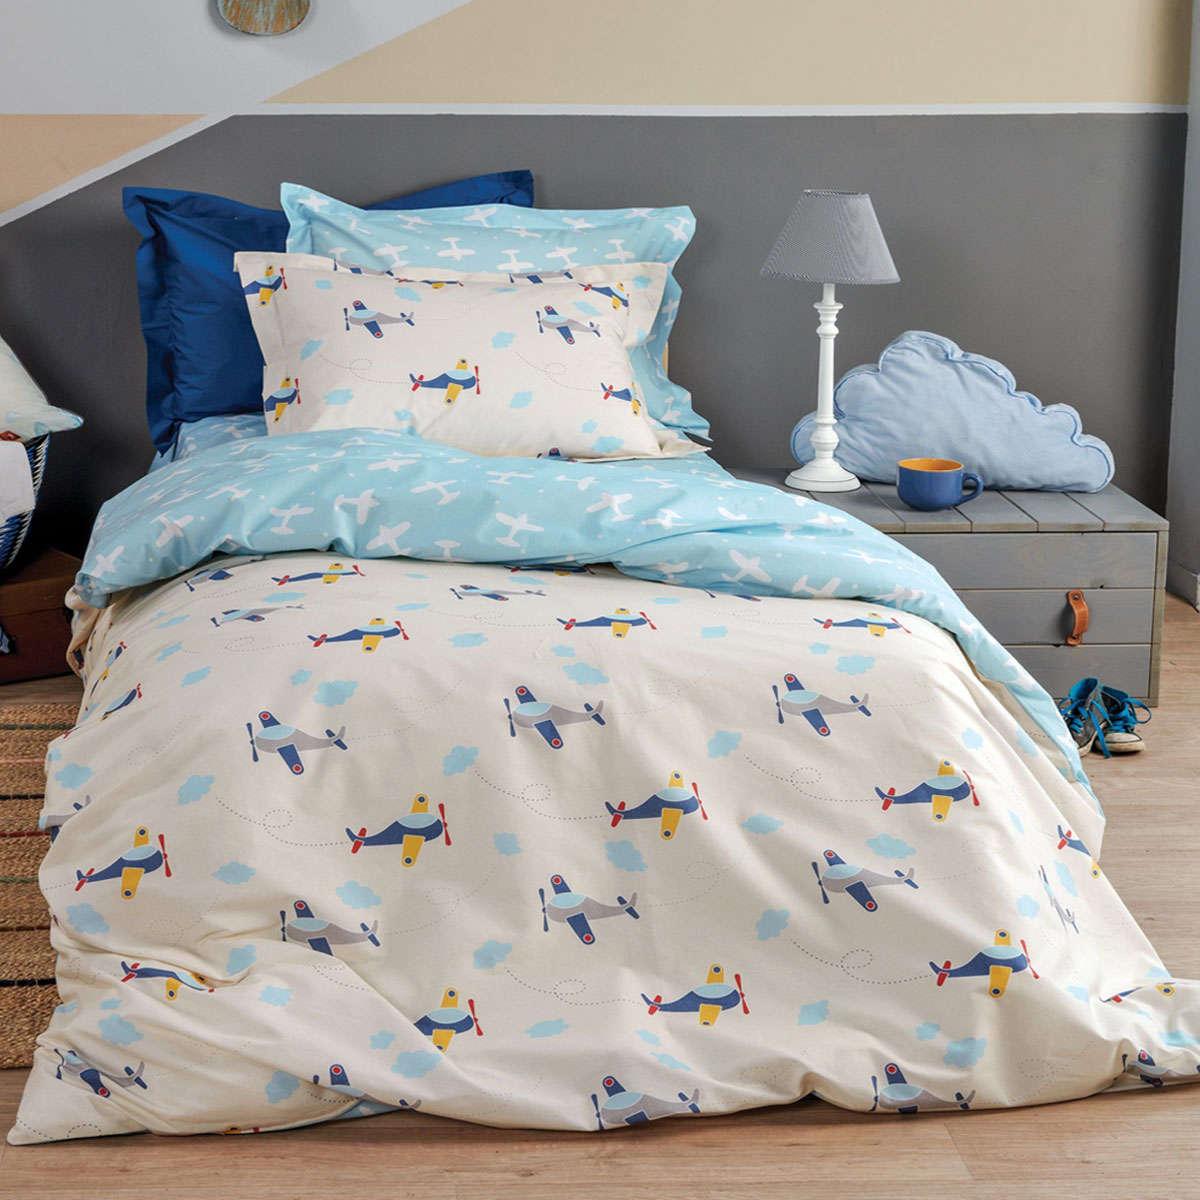 Παιδική Παπλωματοθήκη Σετ Wings White-Blue 2 Τεμ. Kentia 160x240cm